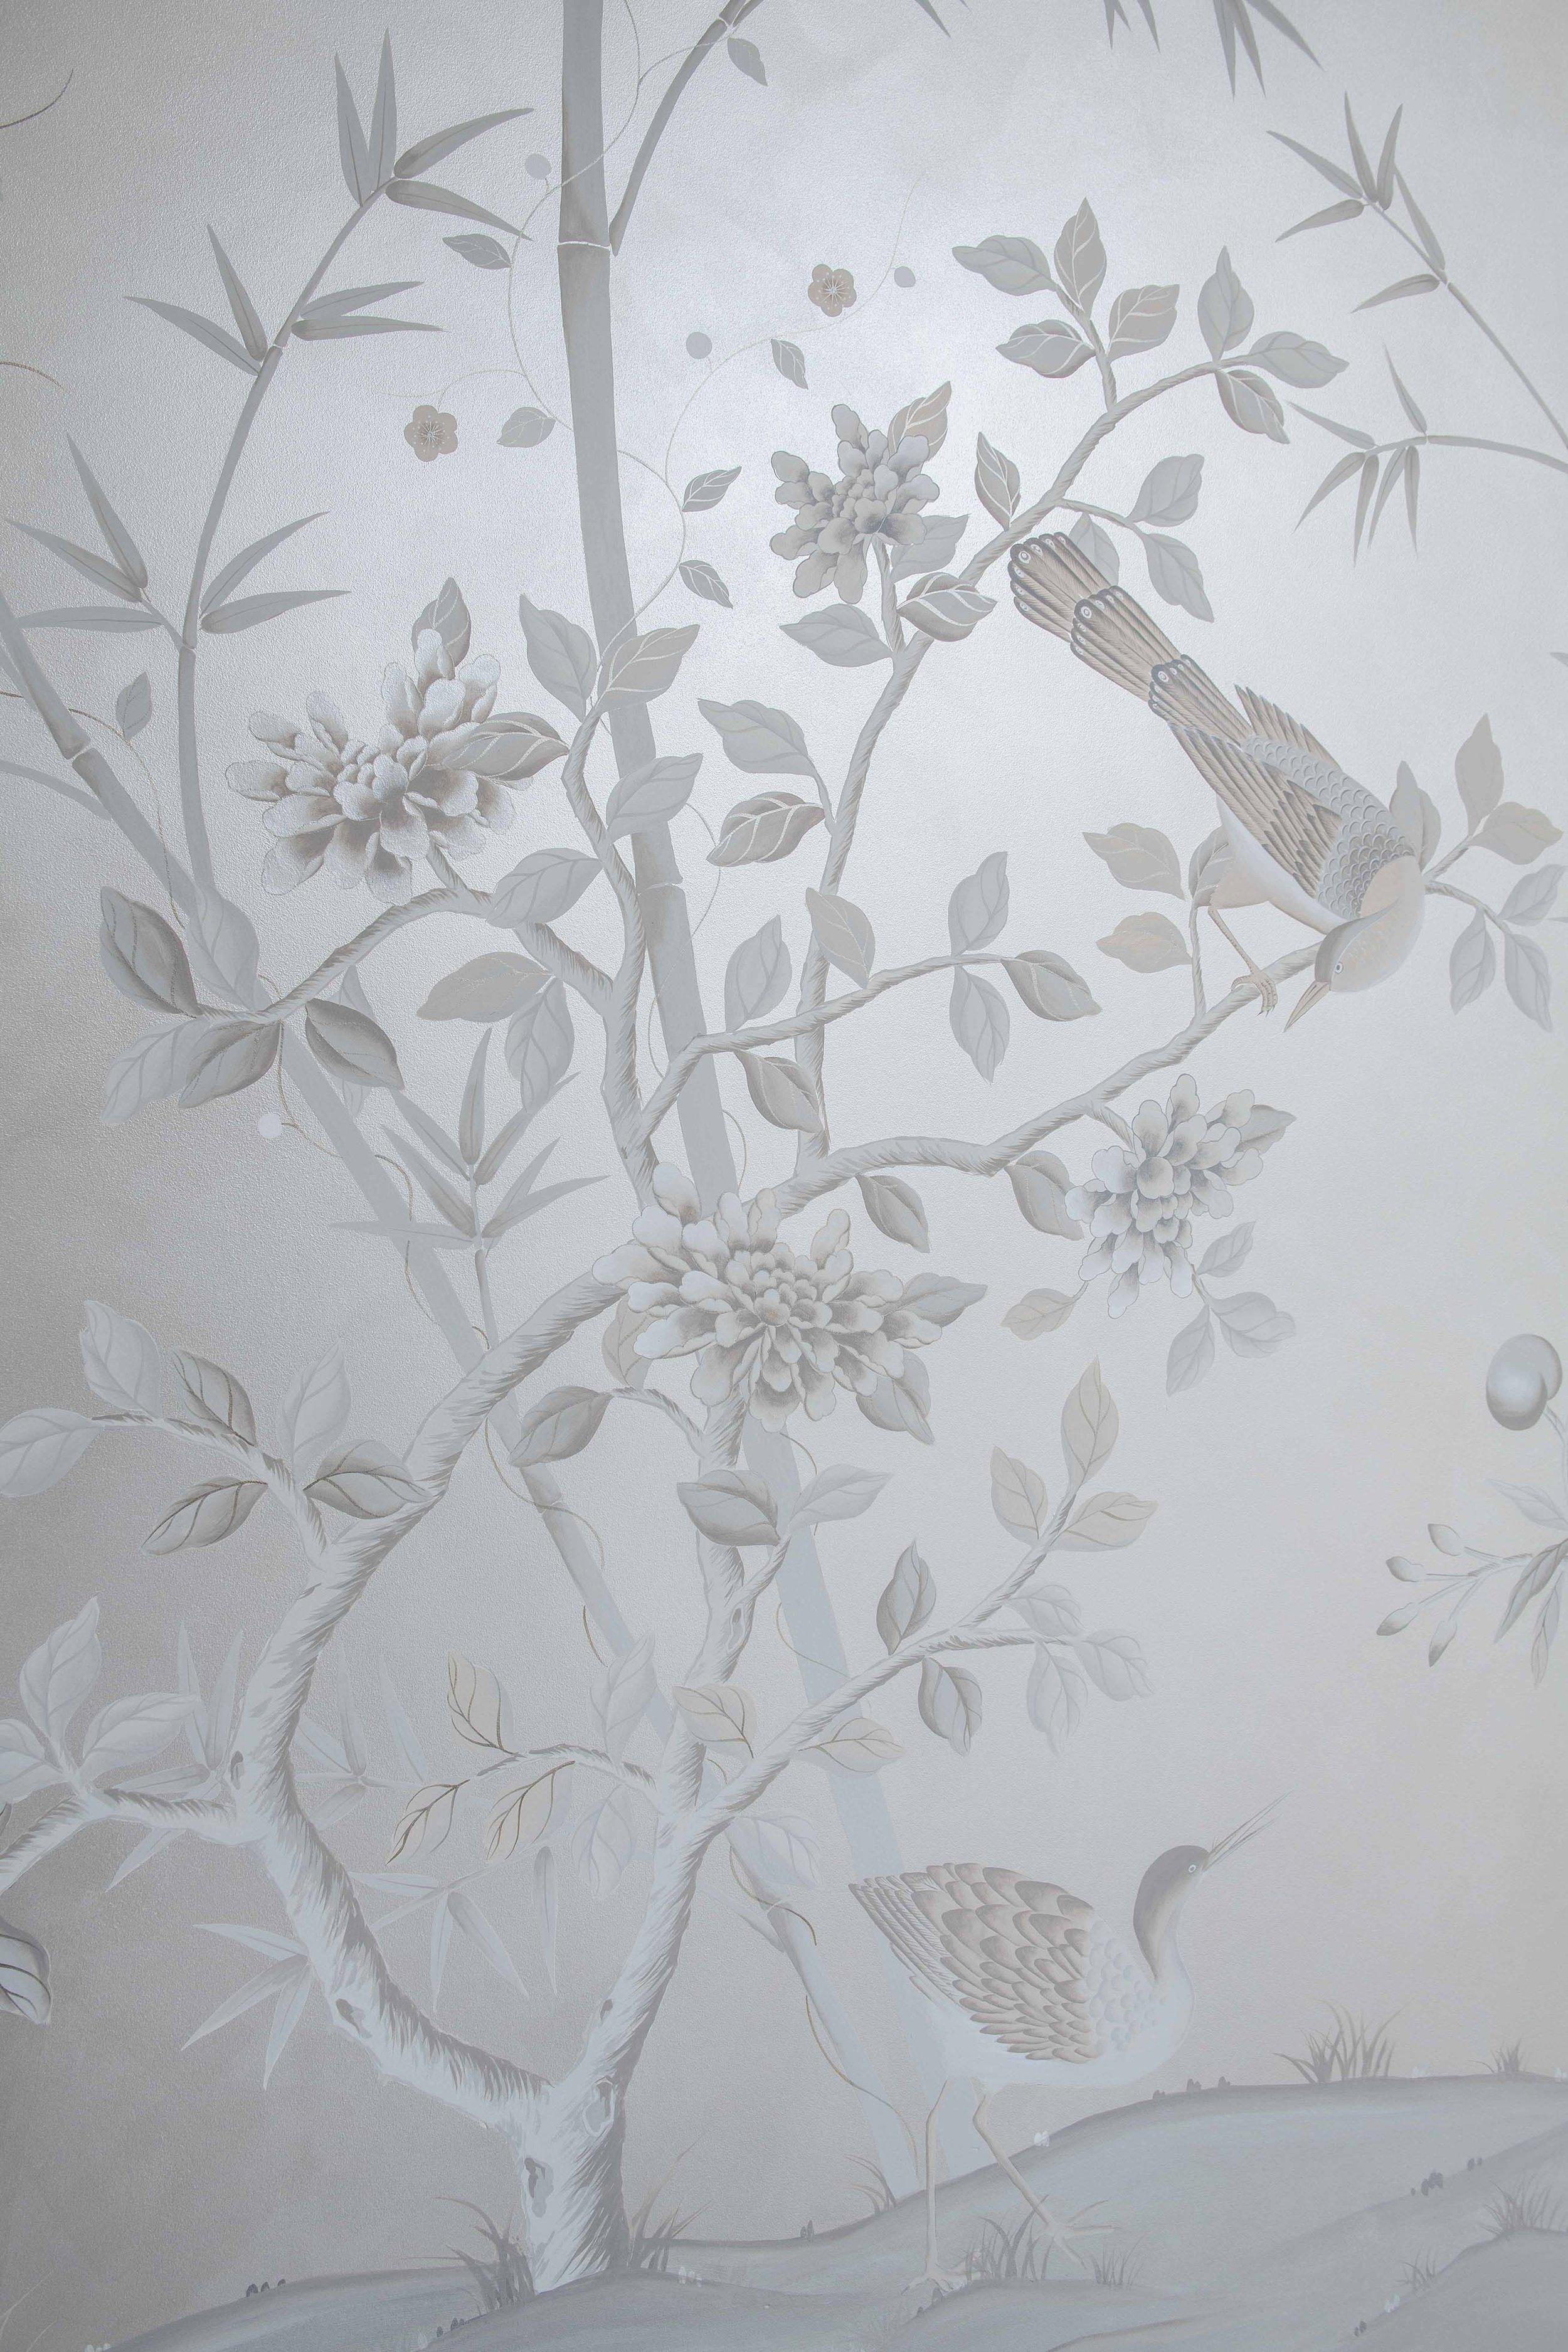 Diane Hill Handpainted Chinoiserie mural, hertford